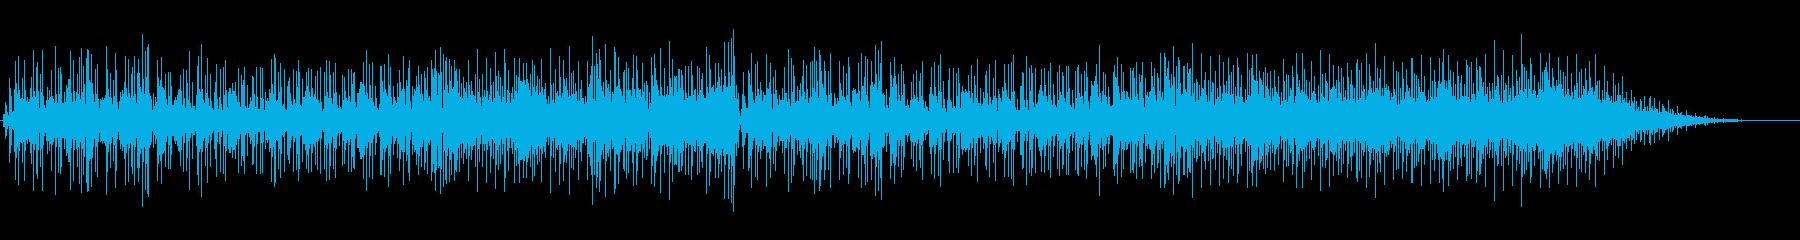 オープニングやエンディングに使える曲の再生済みの波形